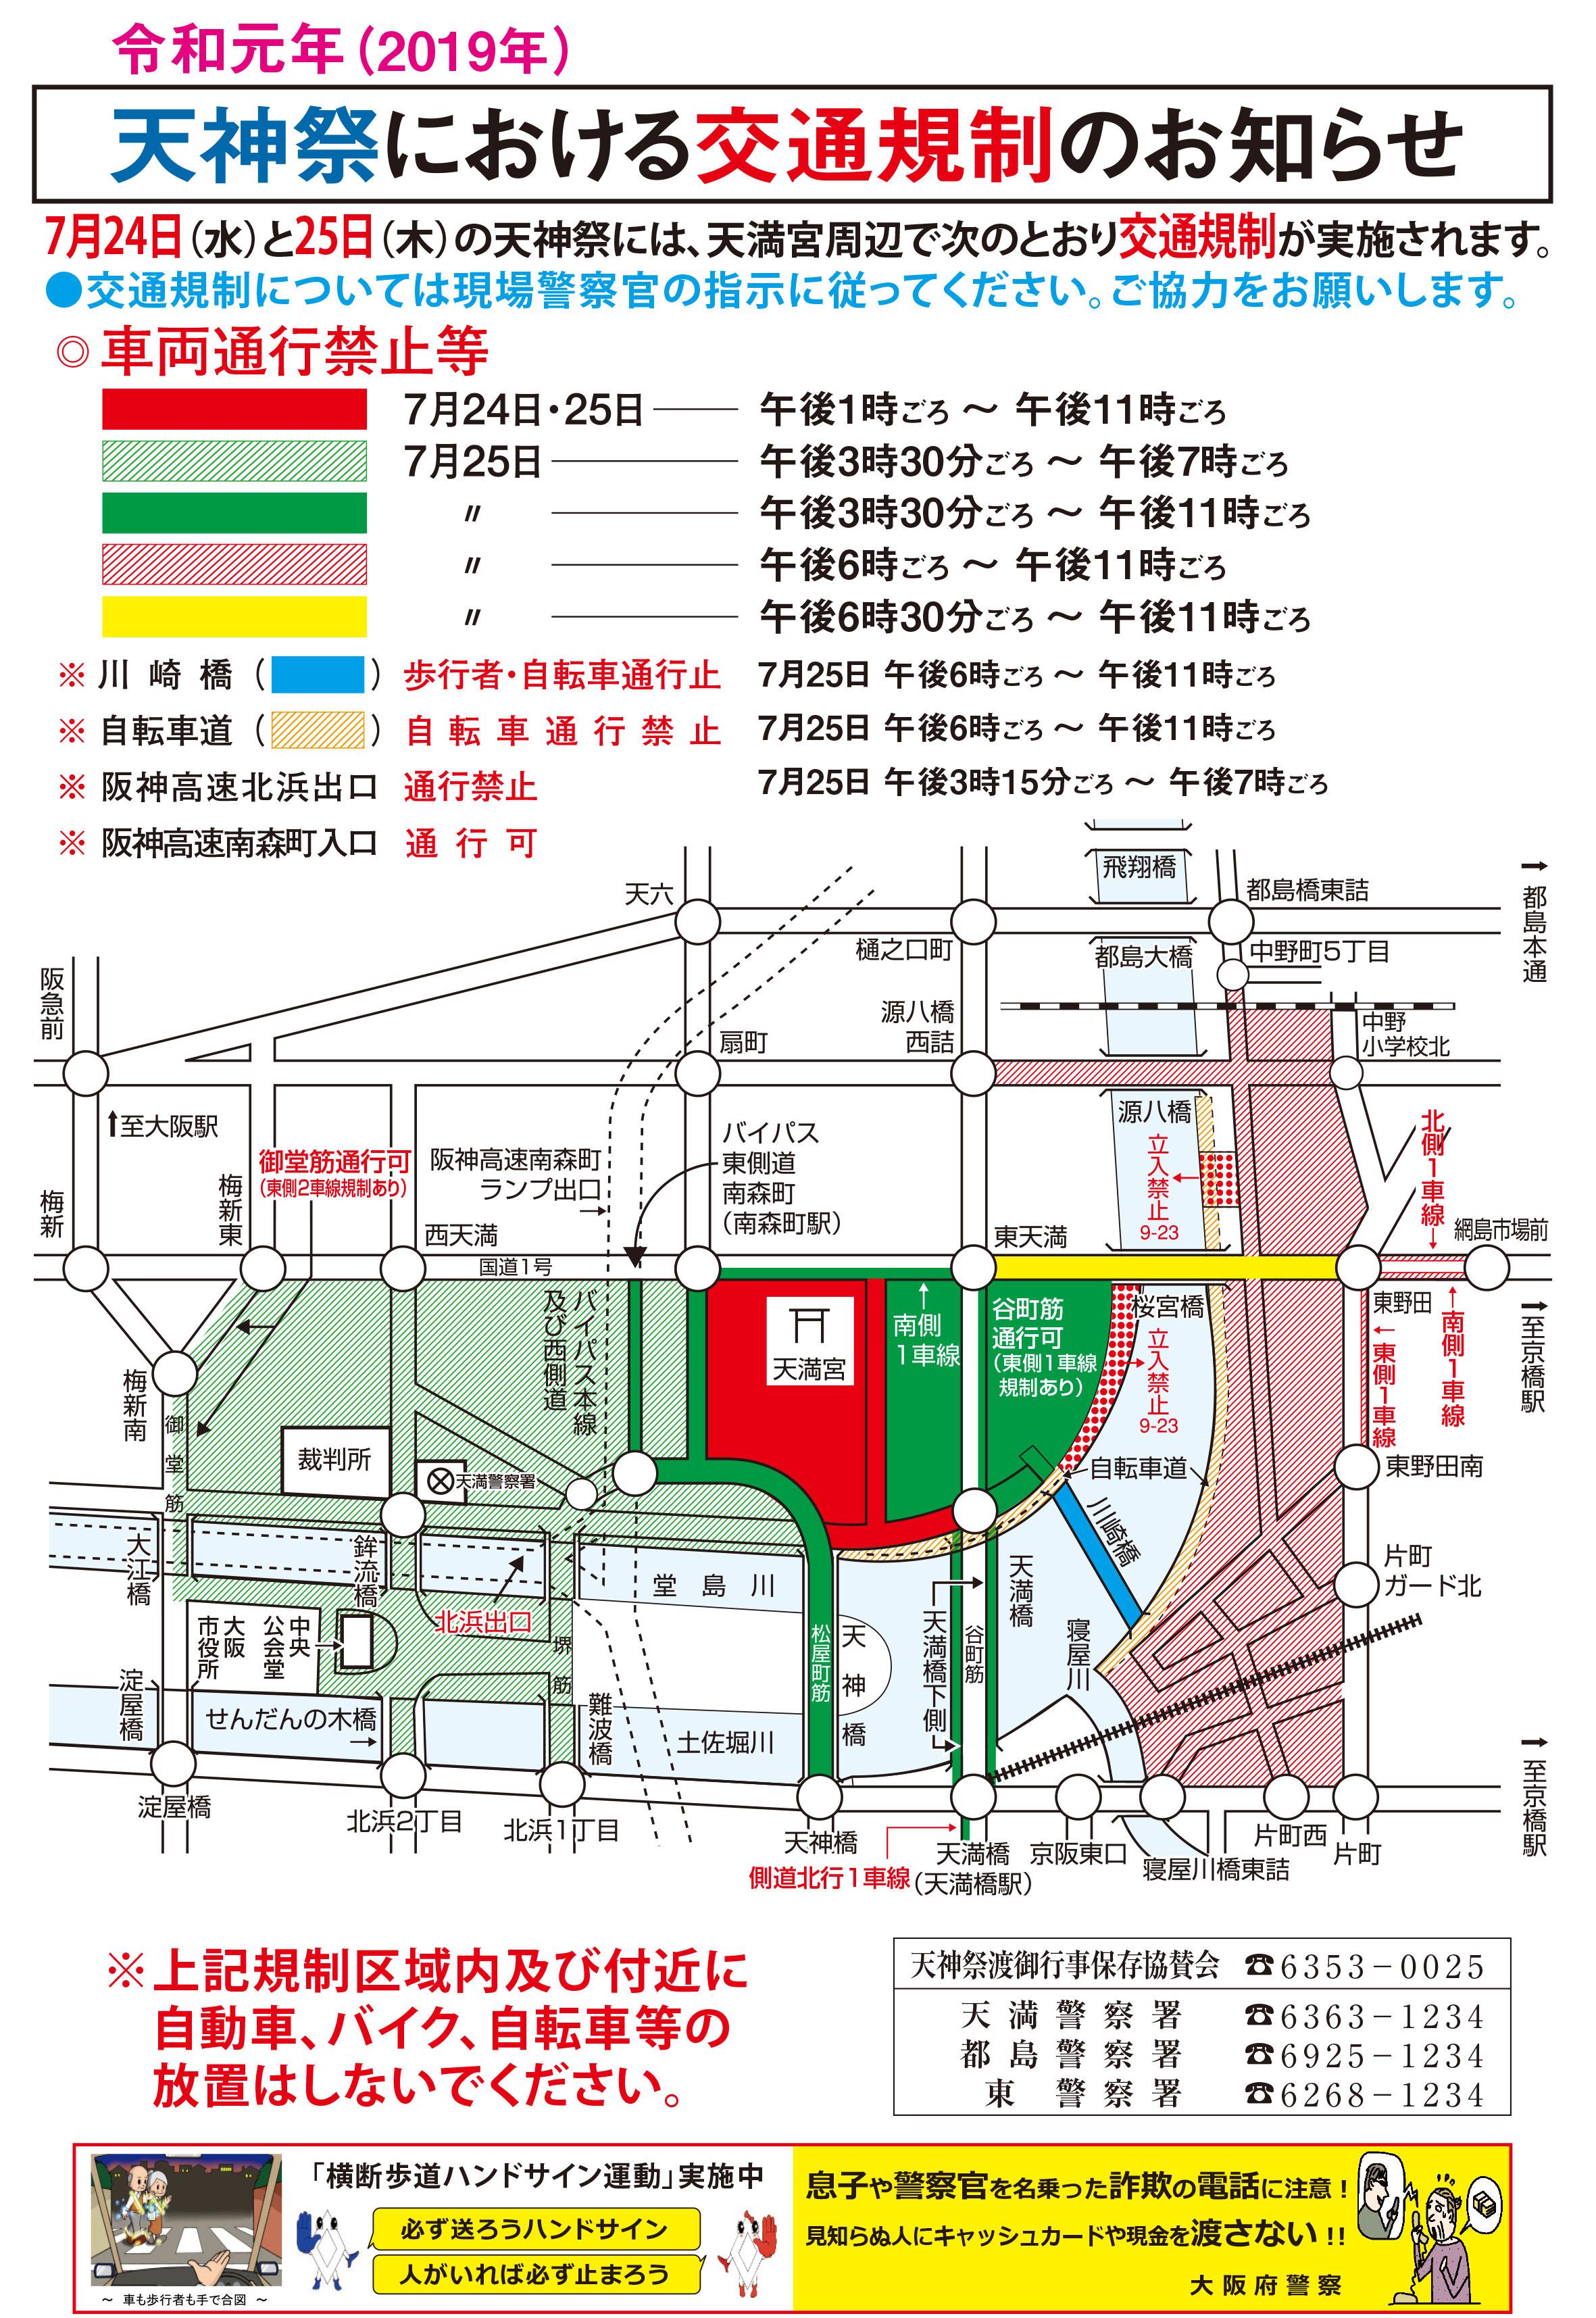 天神祭における交通規制のお知らせ